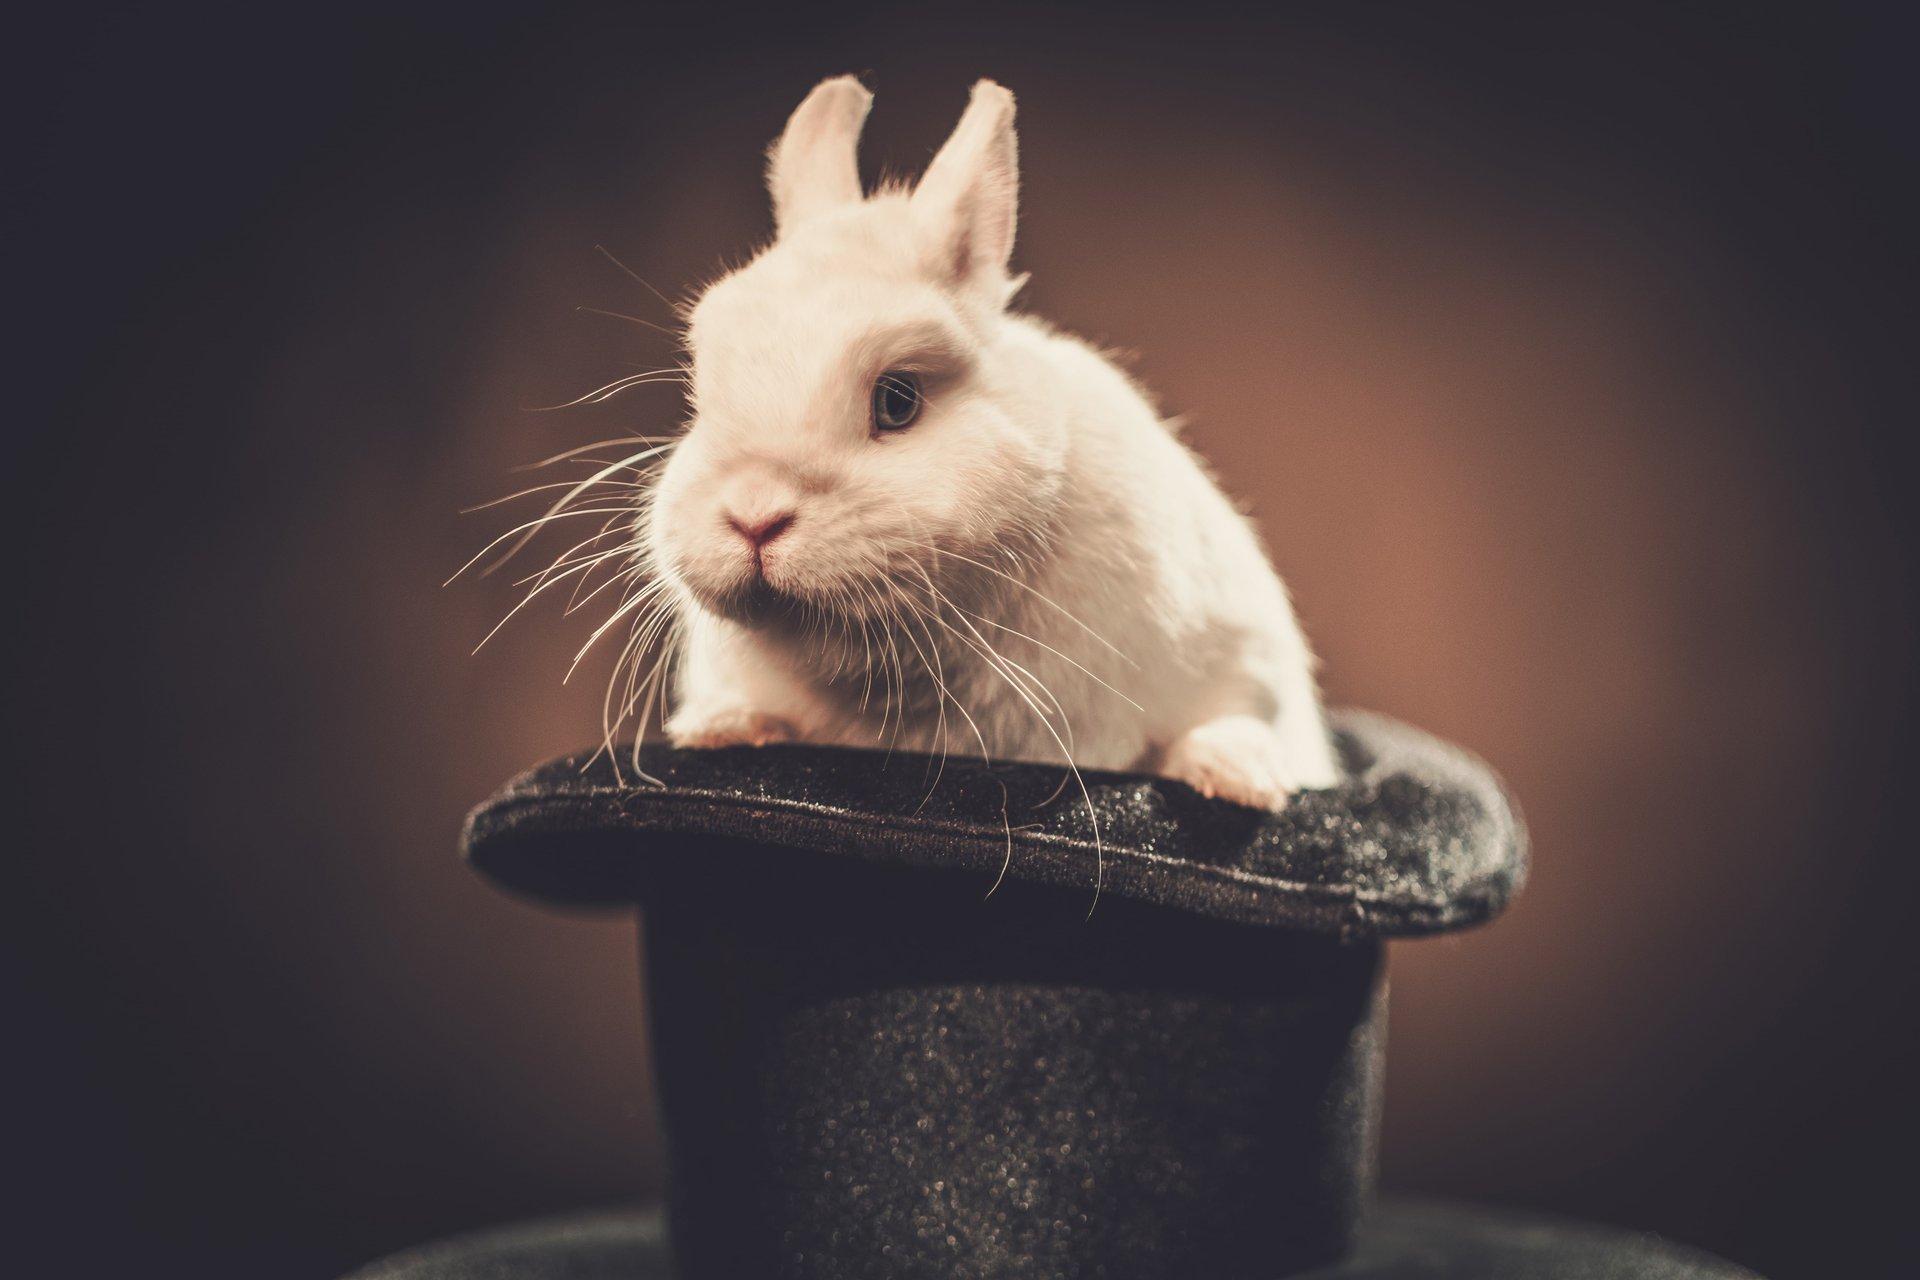 rabbit hat sitemaps article